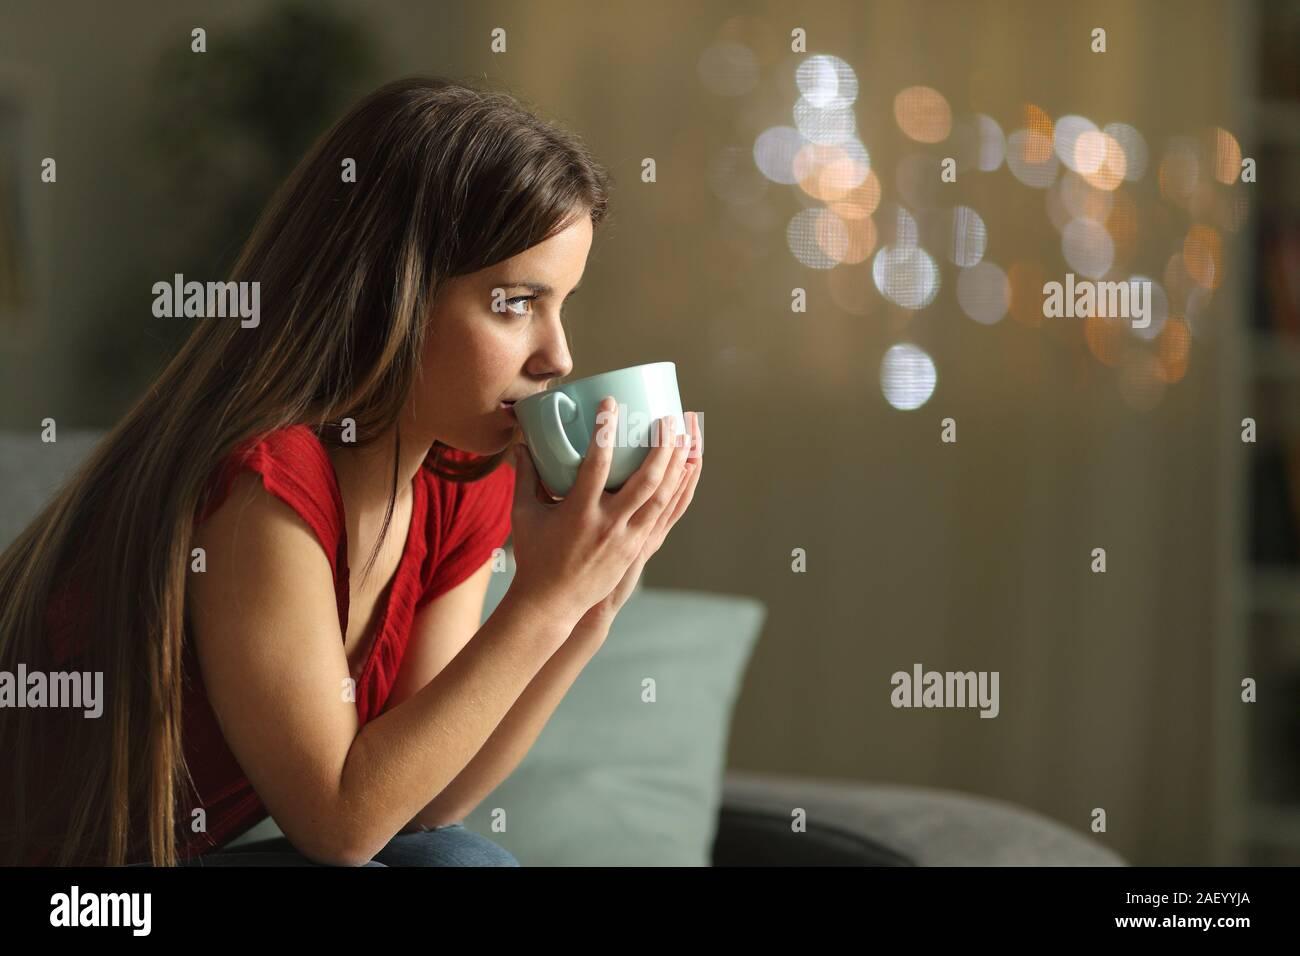 Vue latérale du portrait d'une femme à la recherche de là à boire du café assis sur un canapé dans la nuit à la maison Banque D'Images